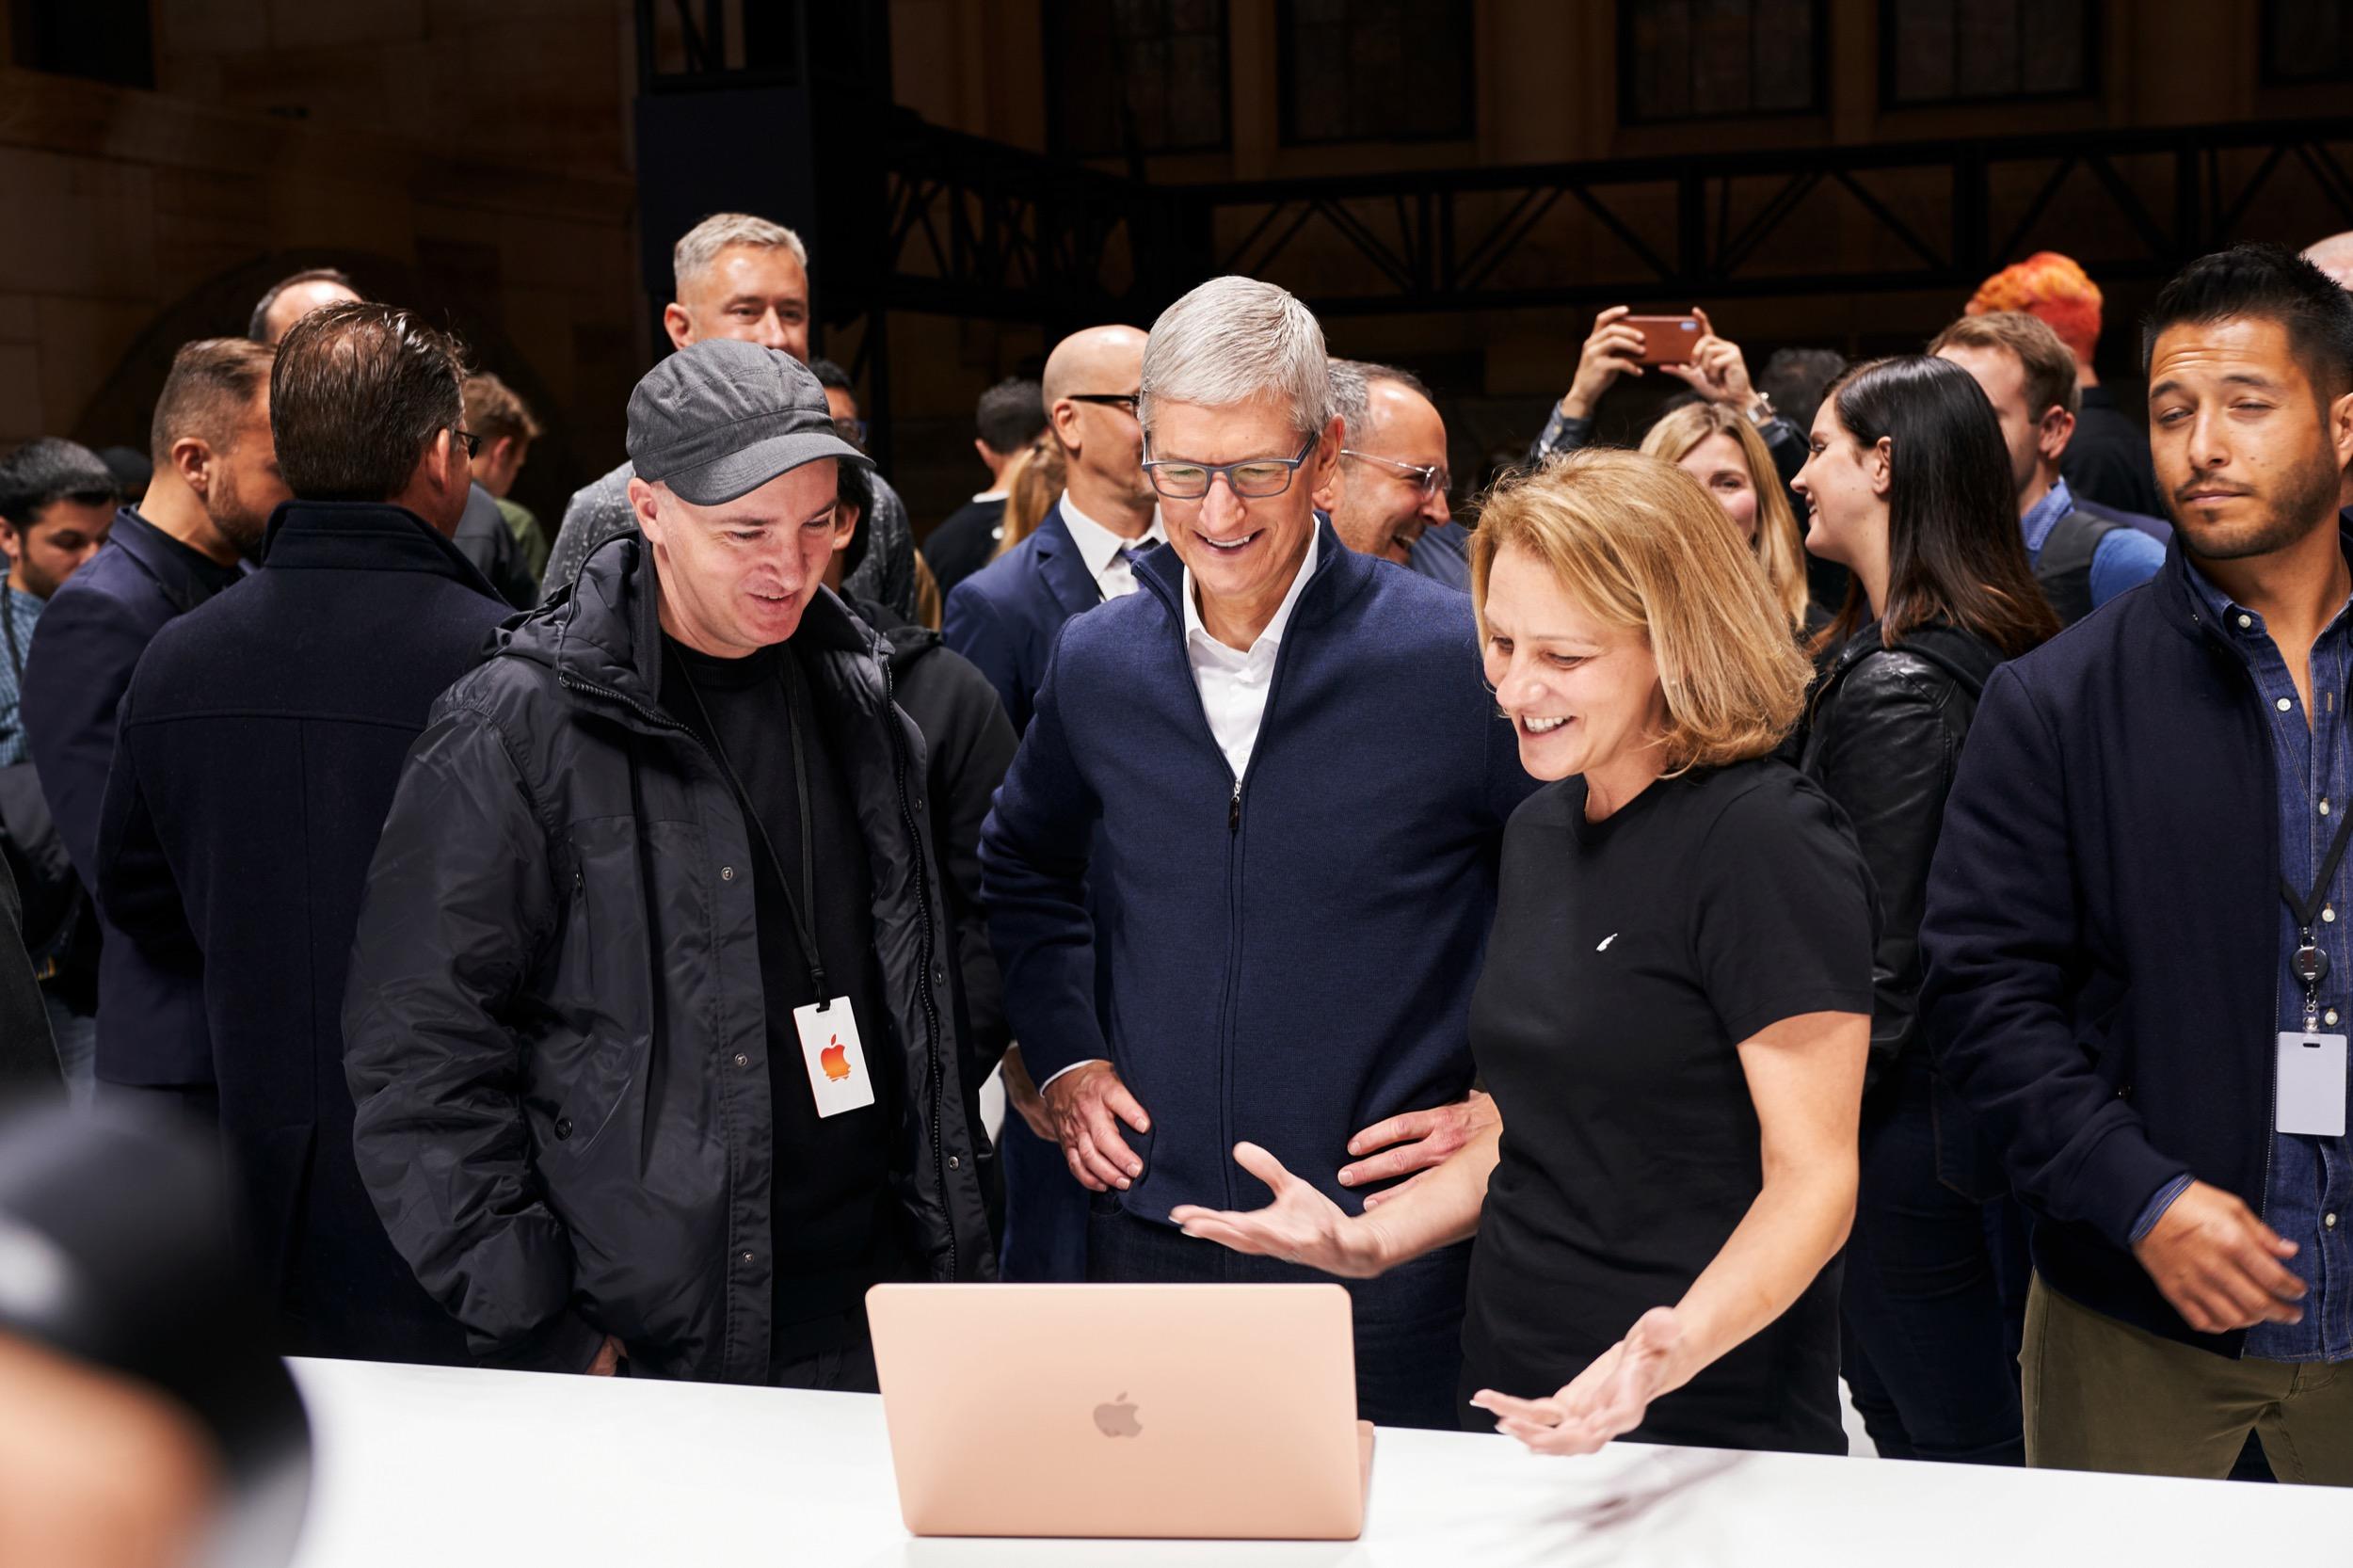 Réorganisation en profondeur chez Apple pour l'après iPhone : projets abandonnés et équipes bousculées 1